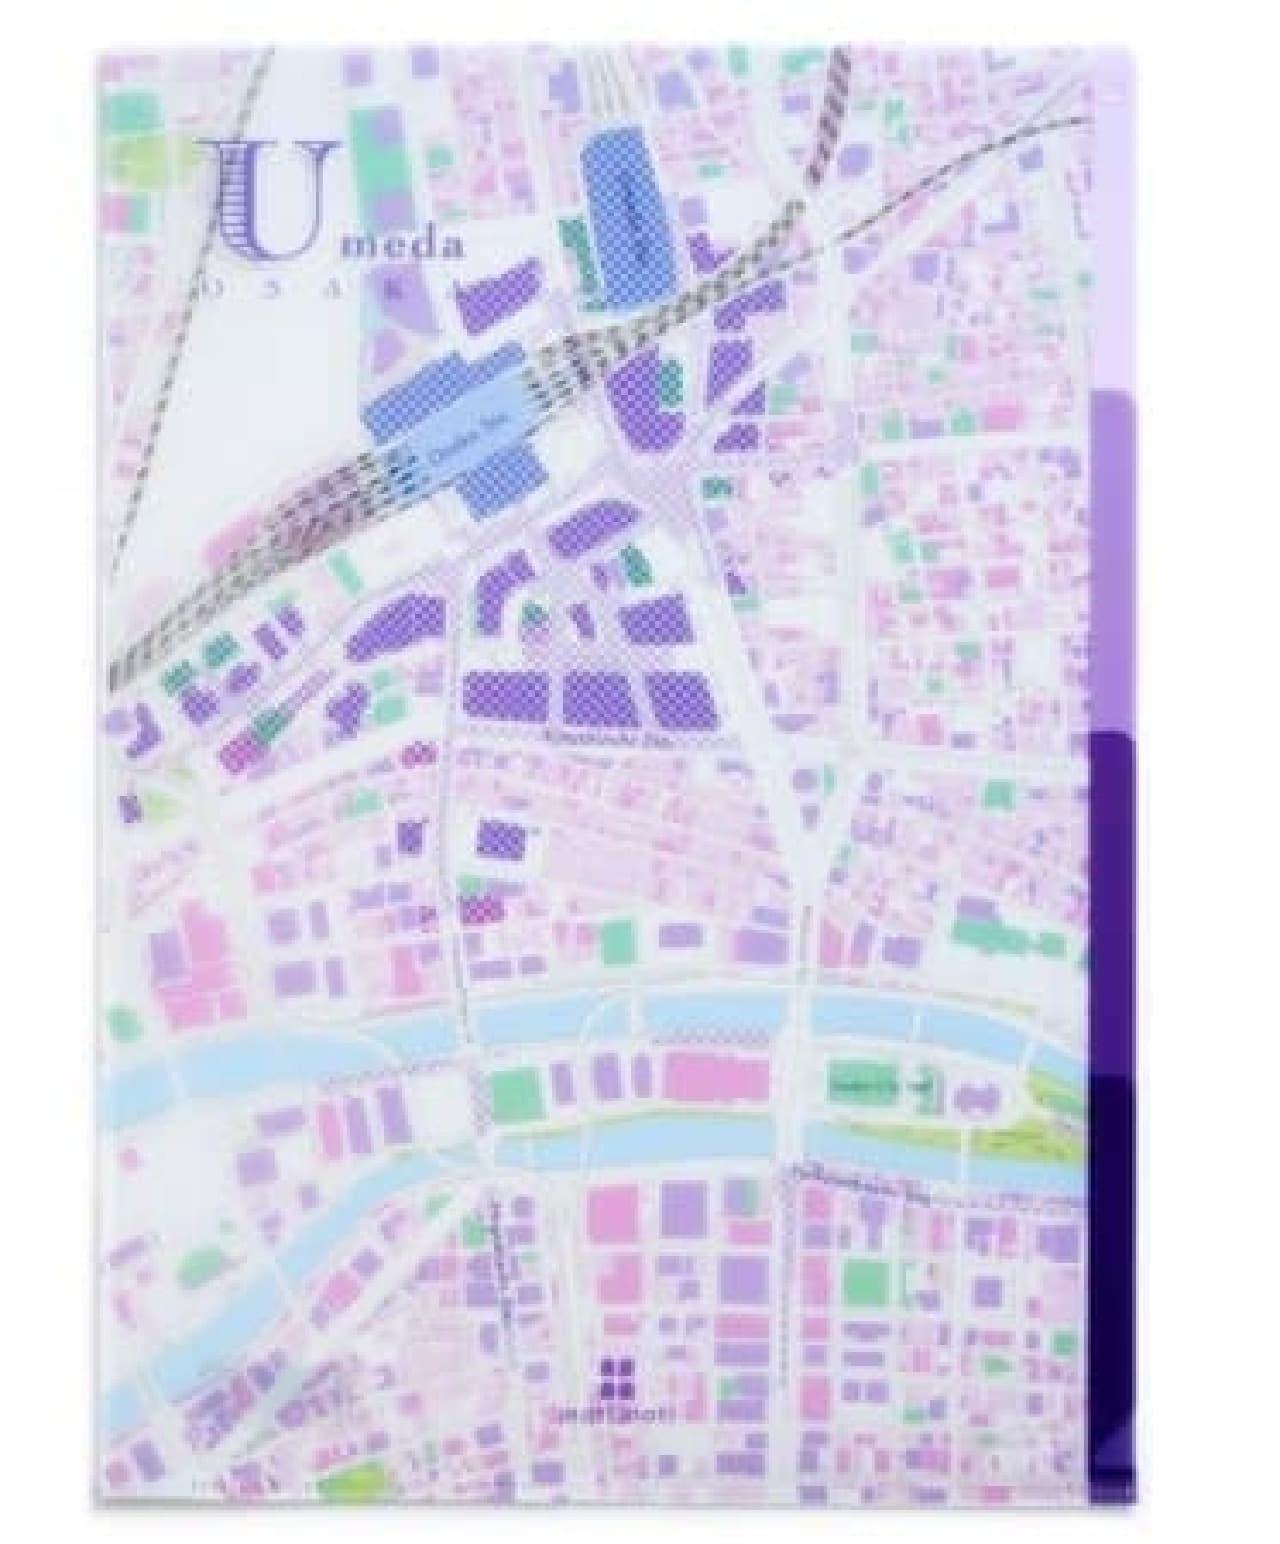 ゼンリンの地図ステーショナリー「mati mati」